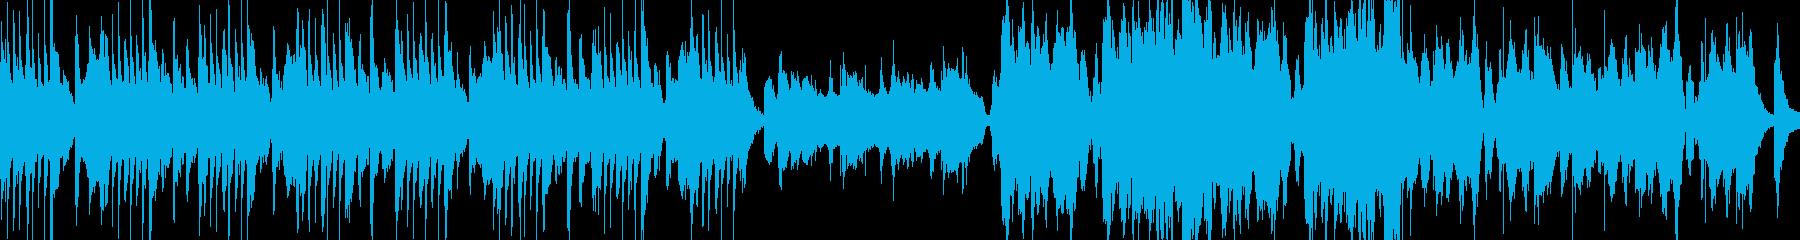 ピアノとストリングスの洋風ホラー曲の再生済みの波形